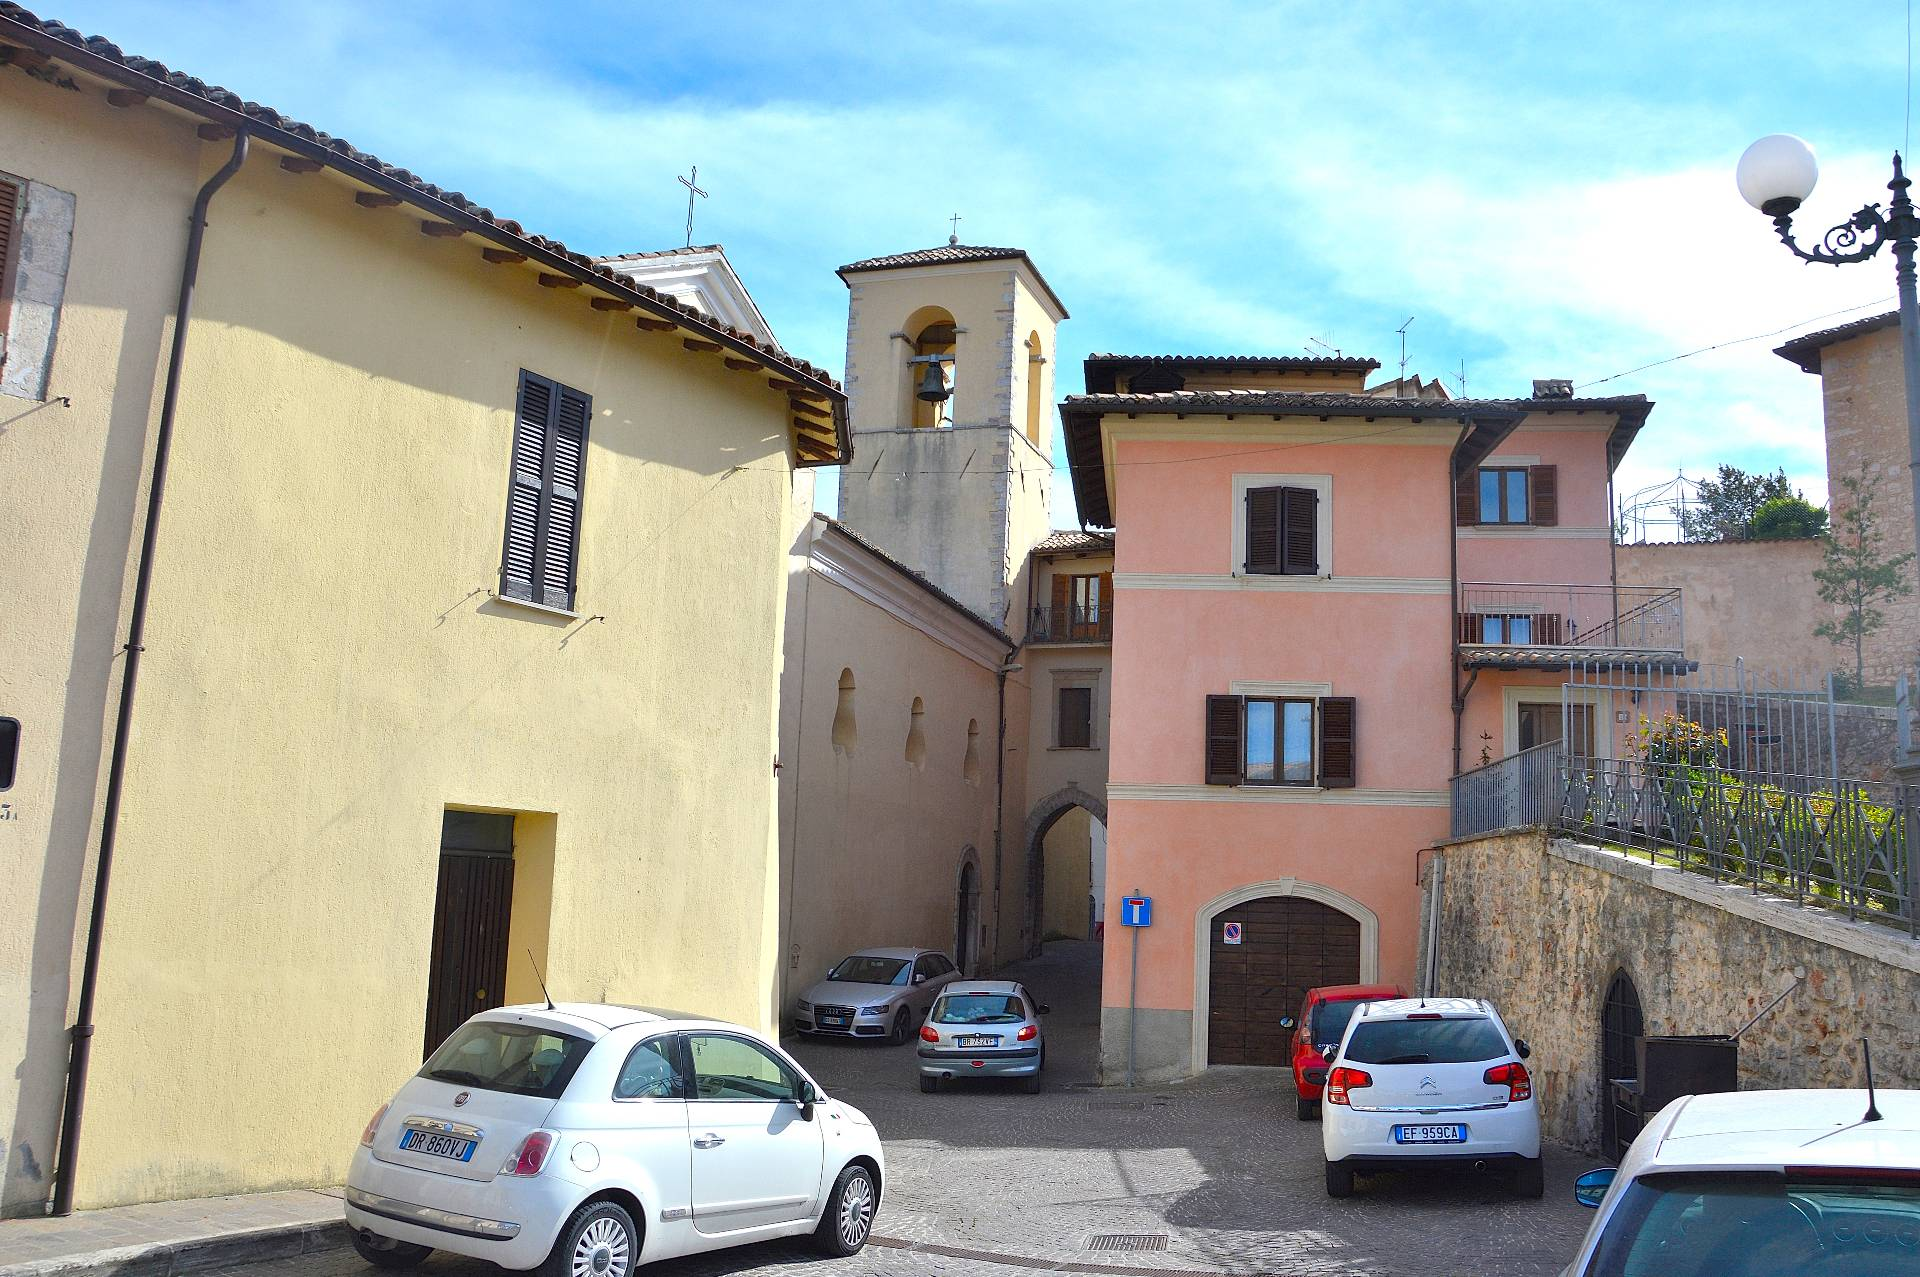 Appartamento in vendita a Cerreto di Spoleto, 3 locali, prezzo € 59.000 | Cambio Casa.it